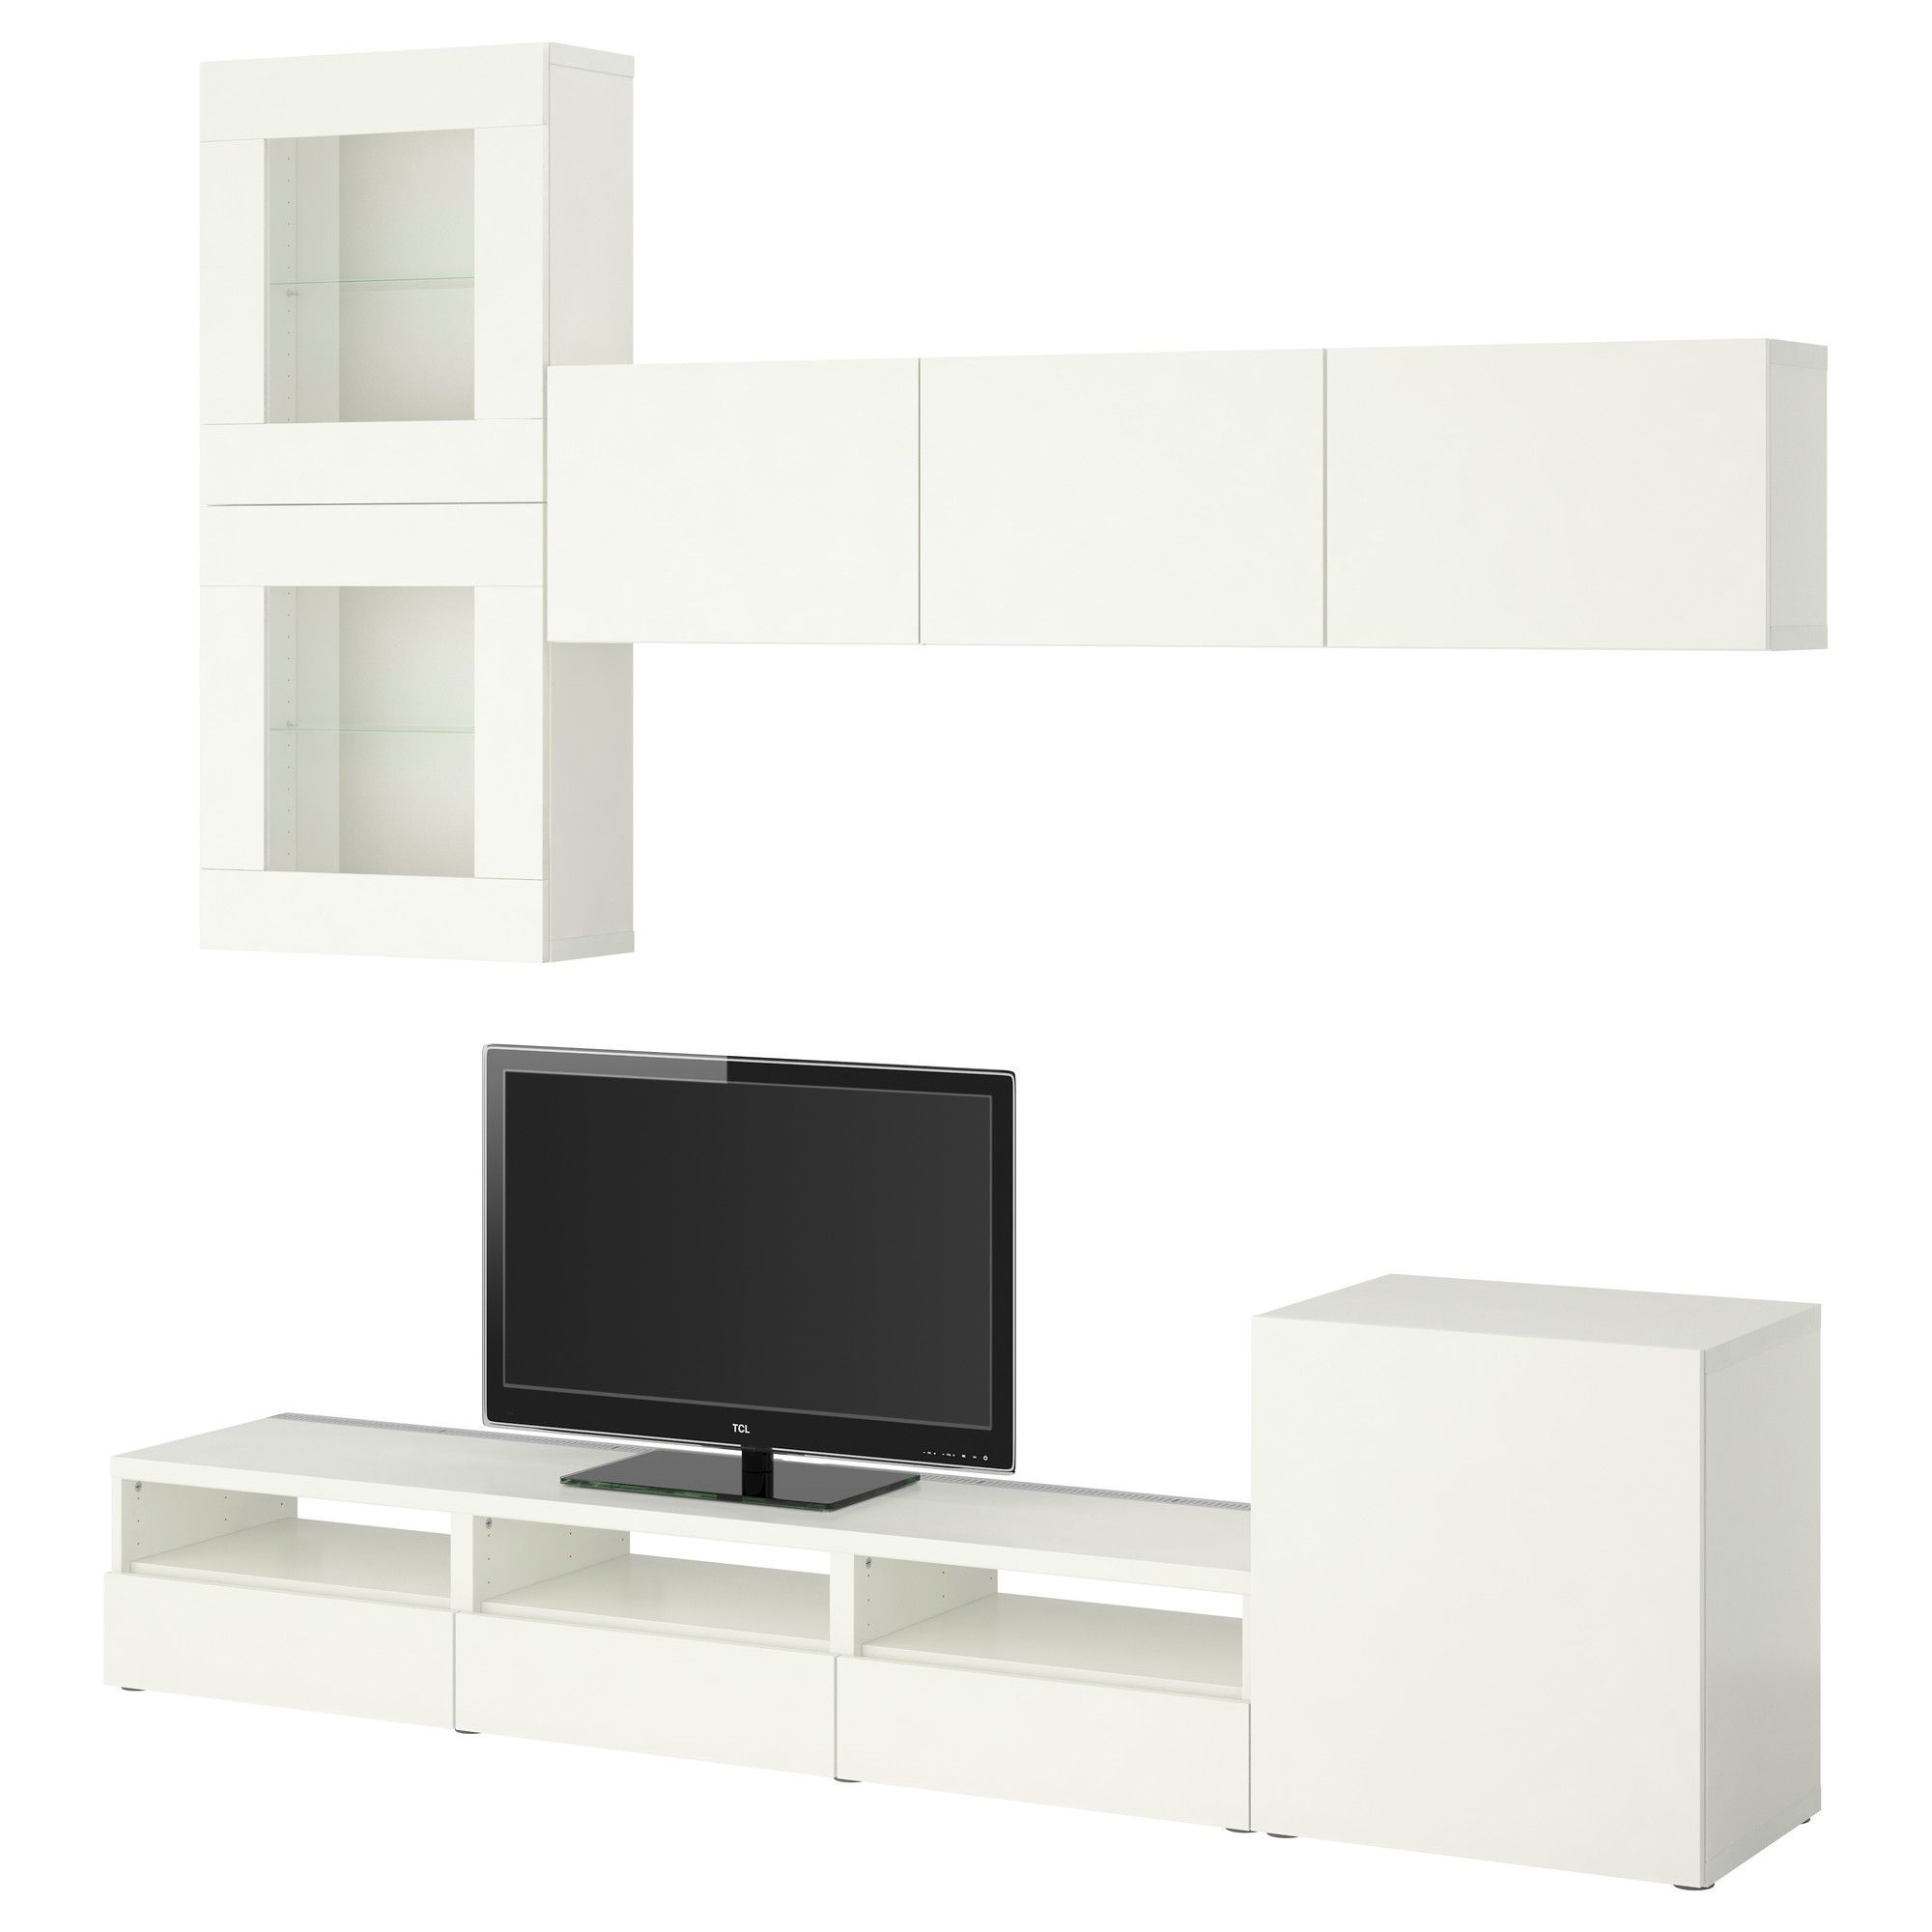 Best Tv Storage Combinationglass Doors Vara White Ikea